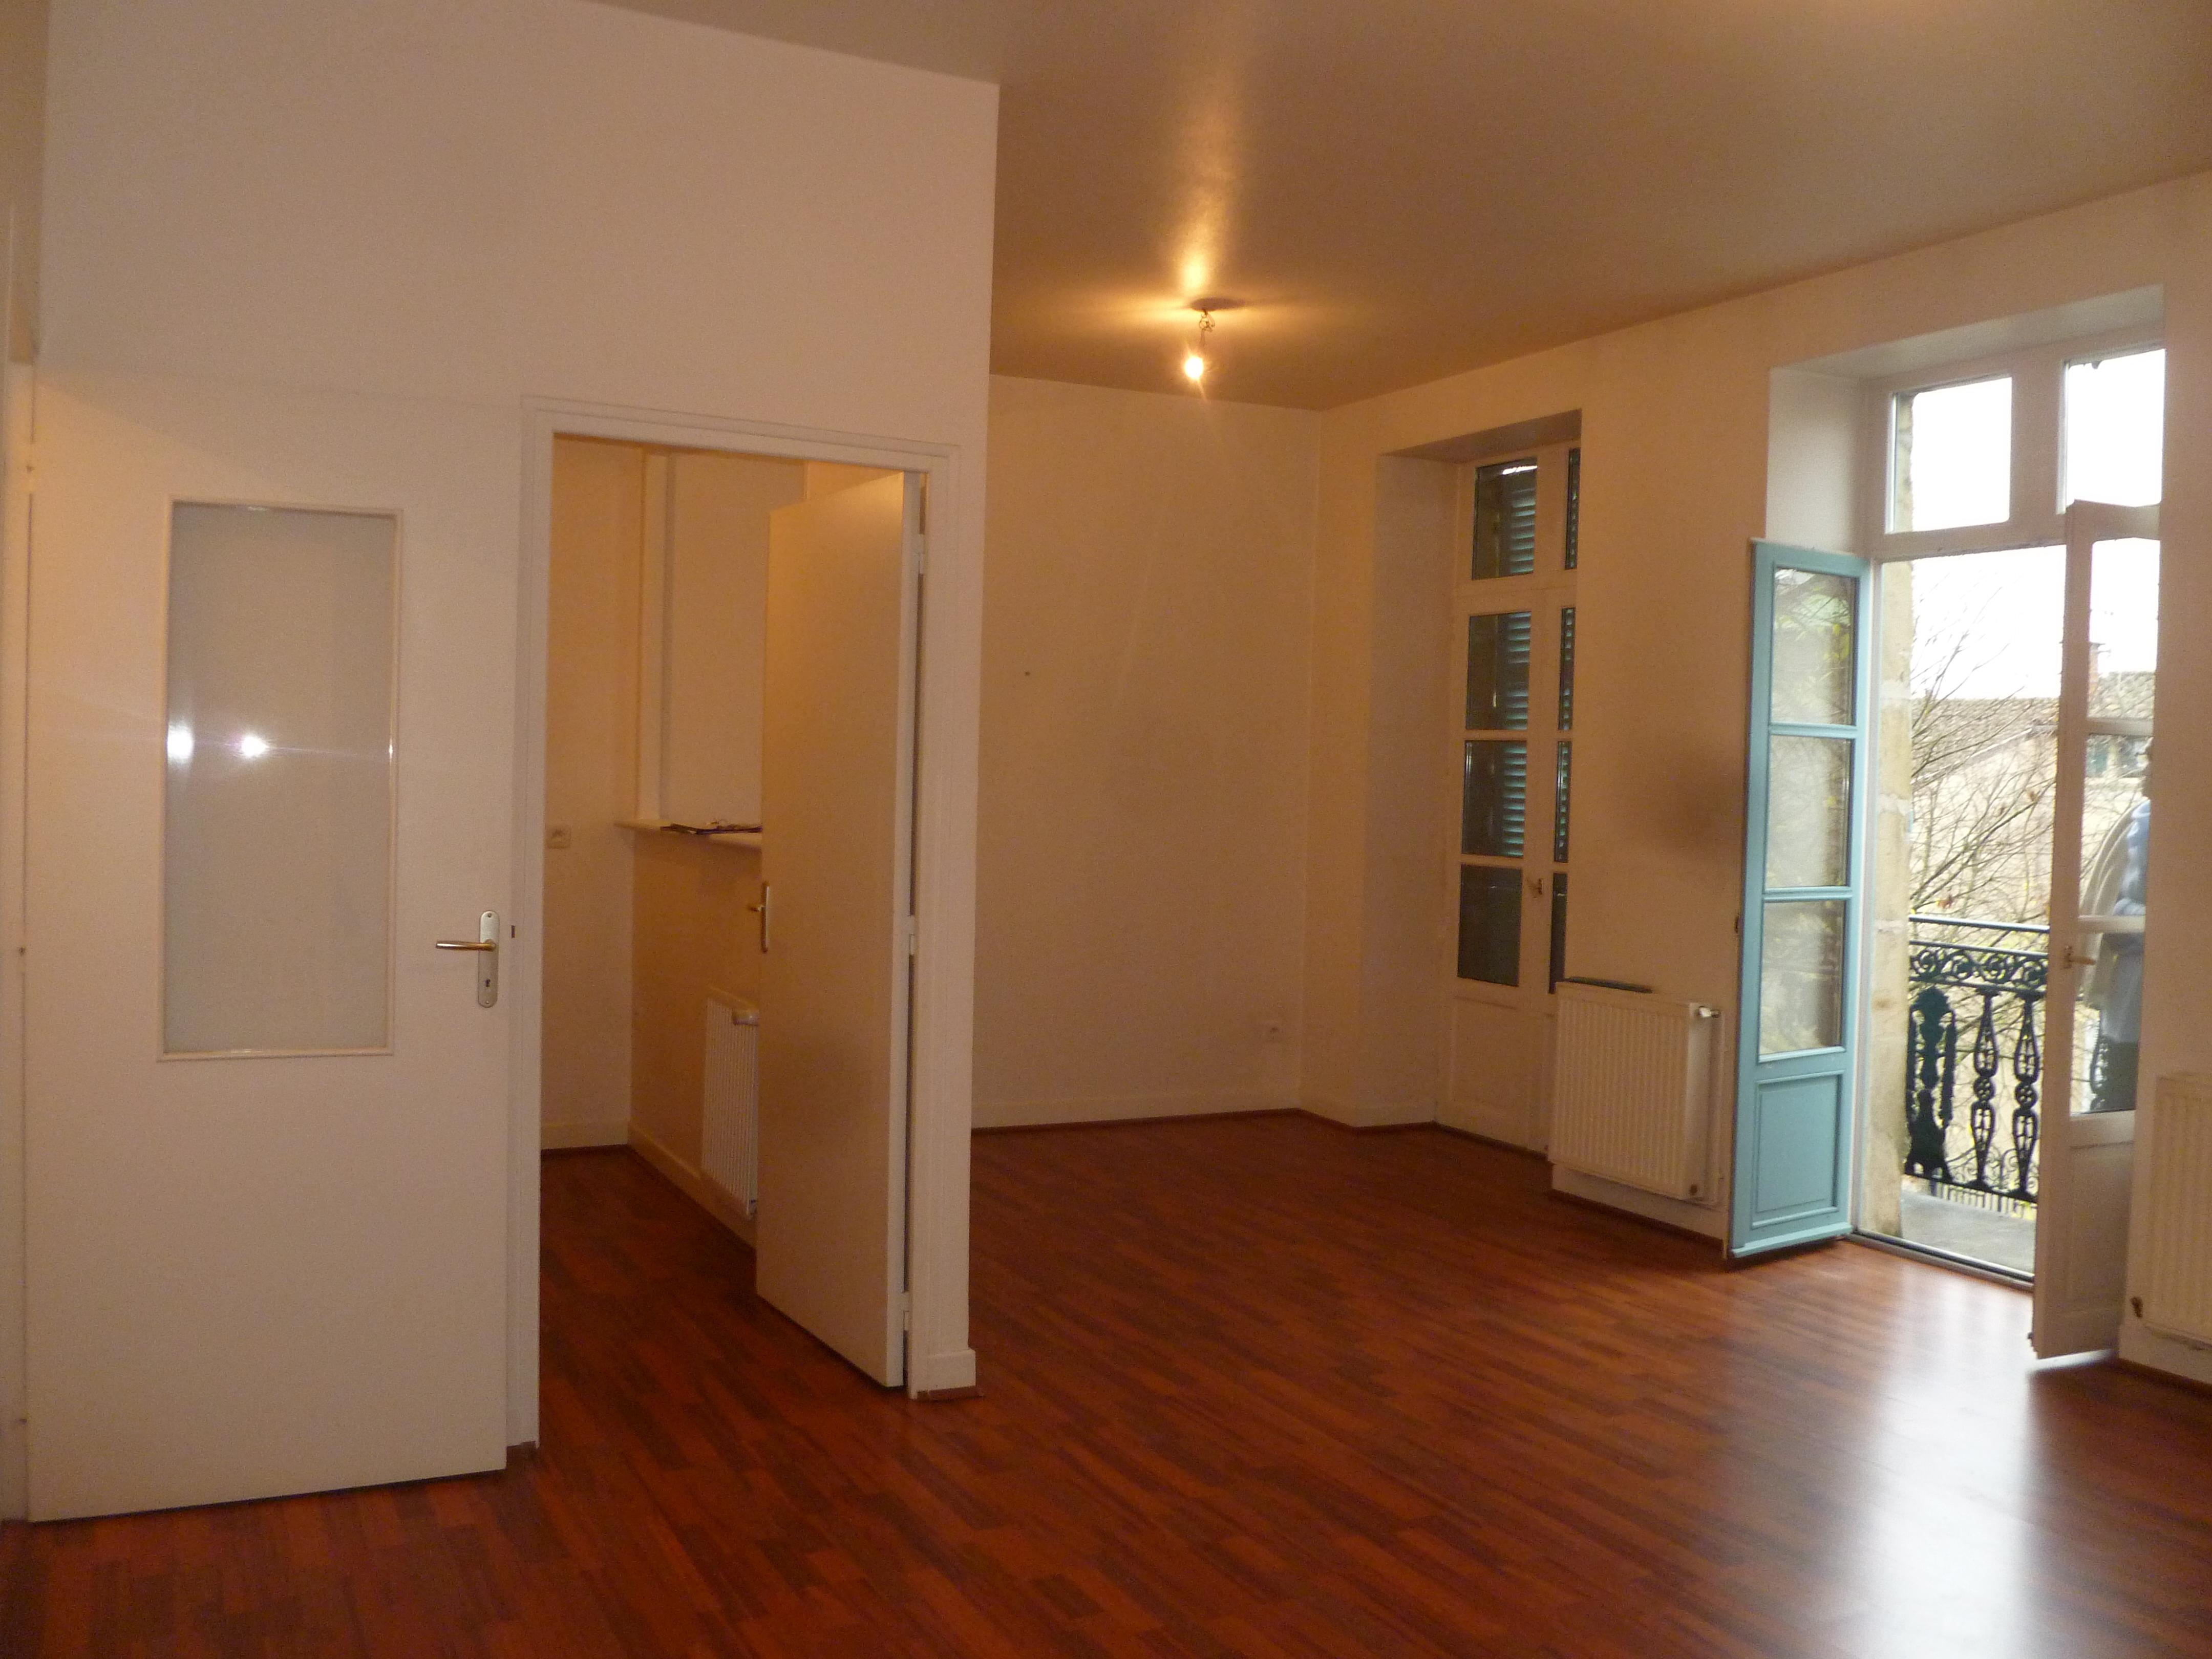 Appartement T2 avec balcon à louer à FIGEAC centre